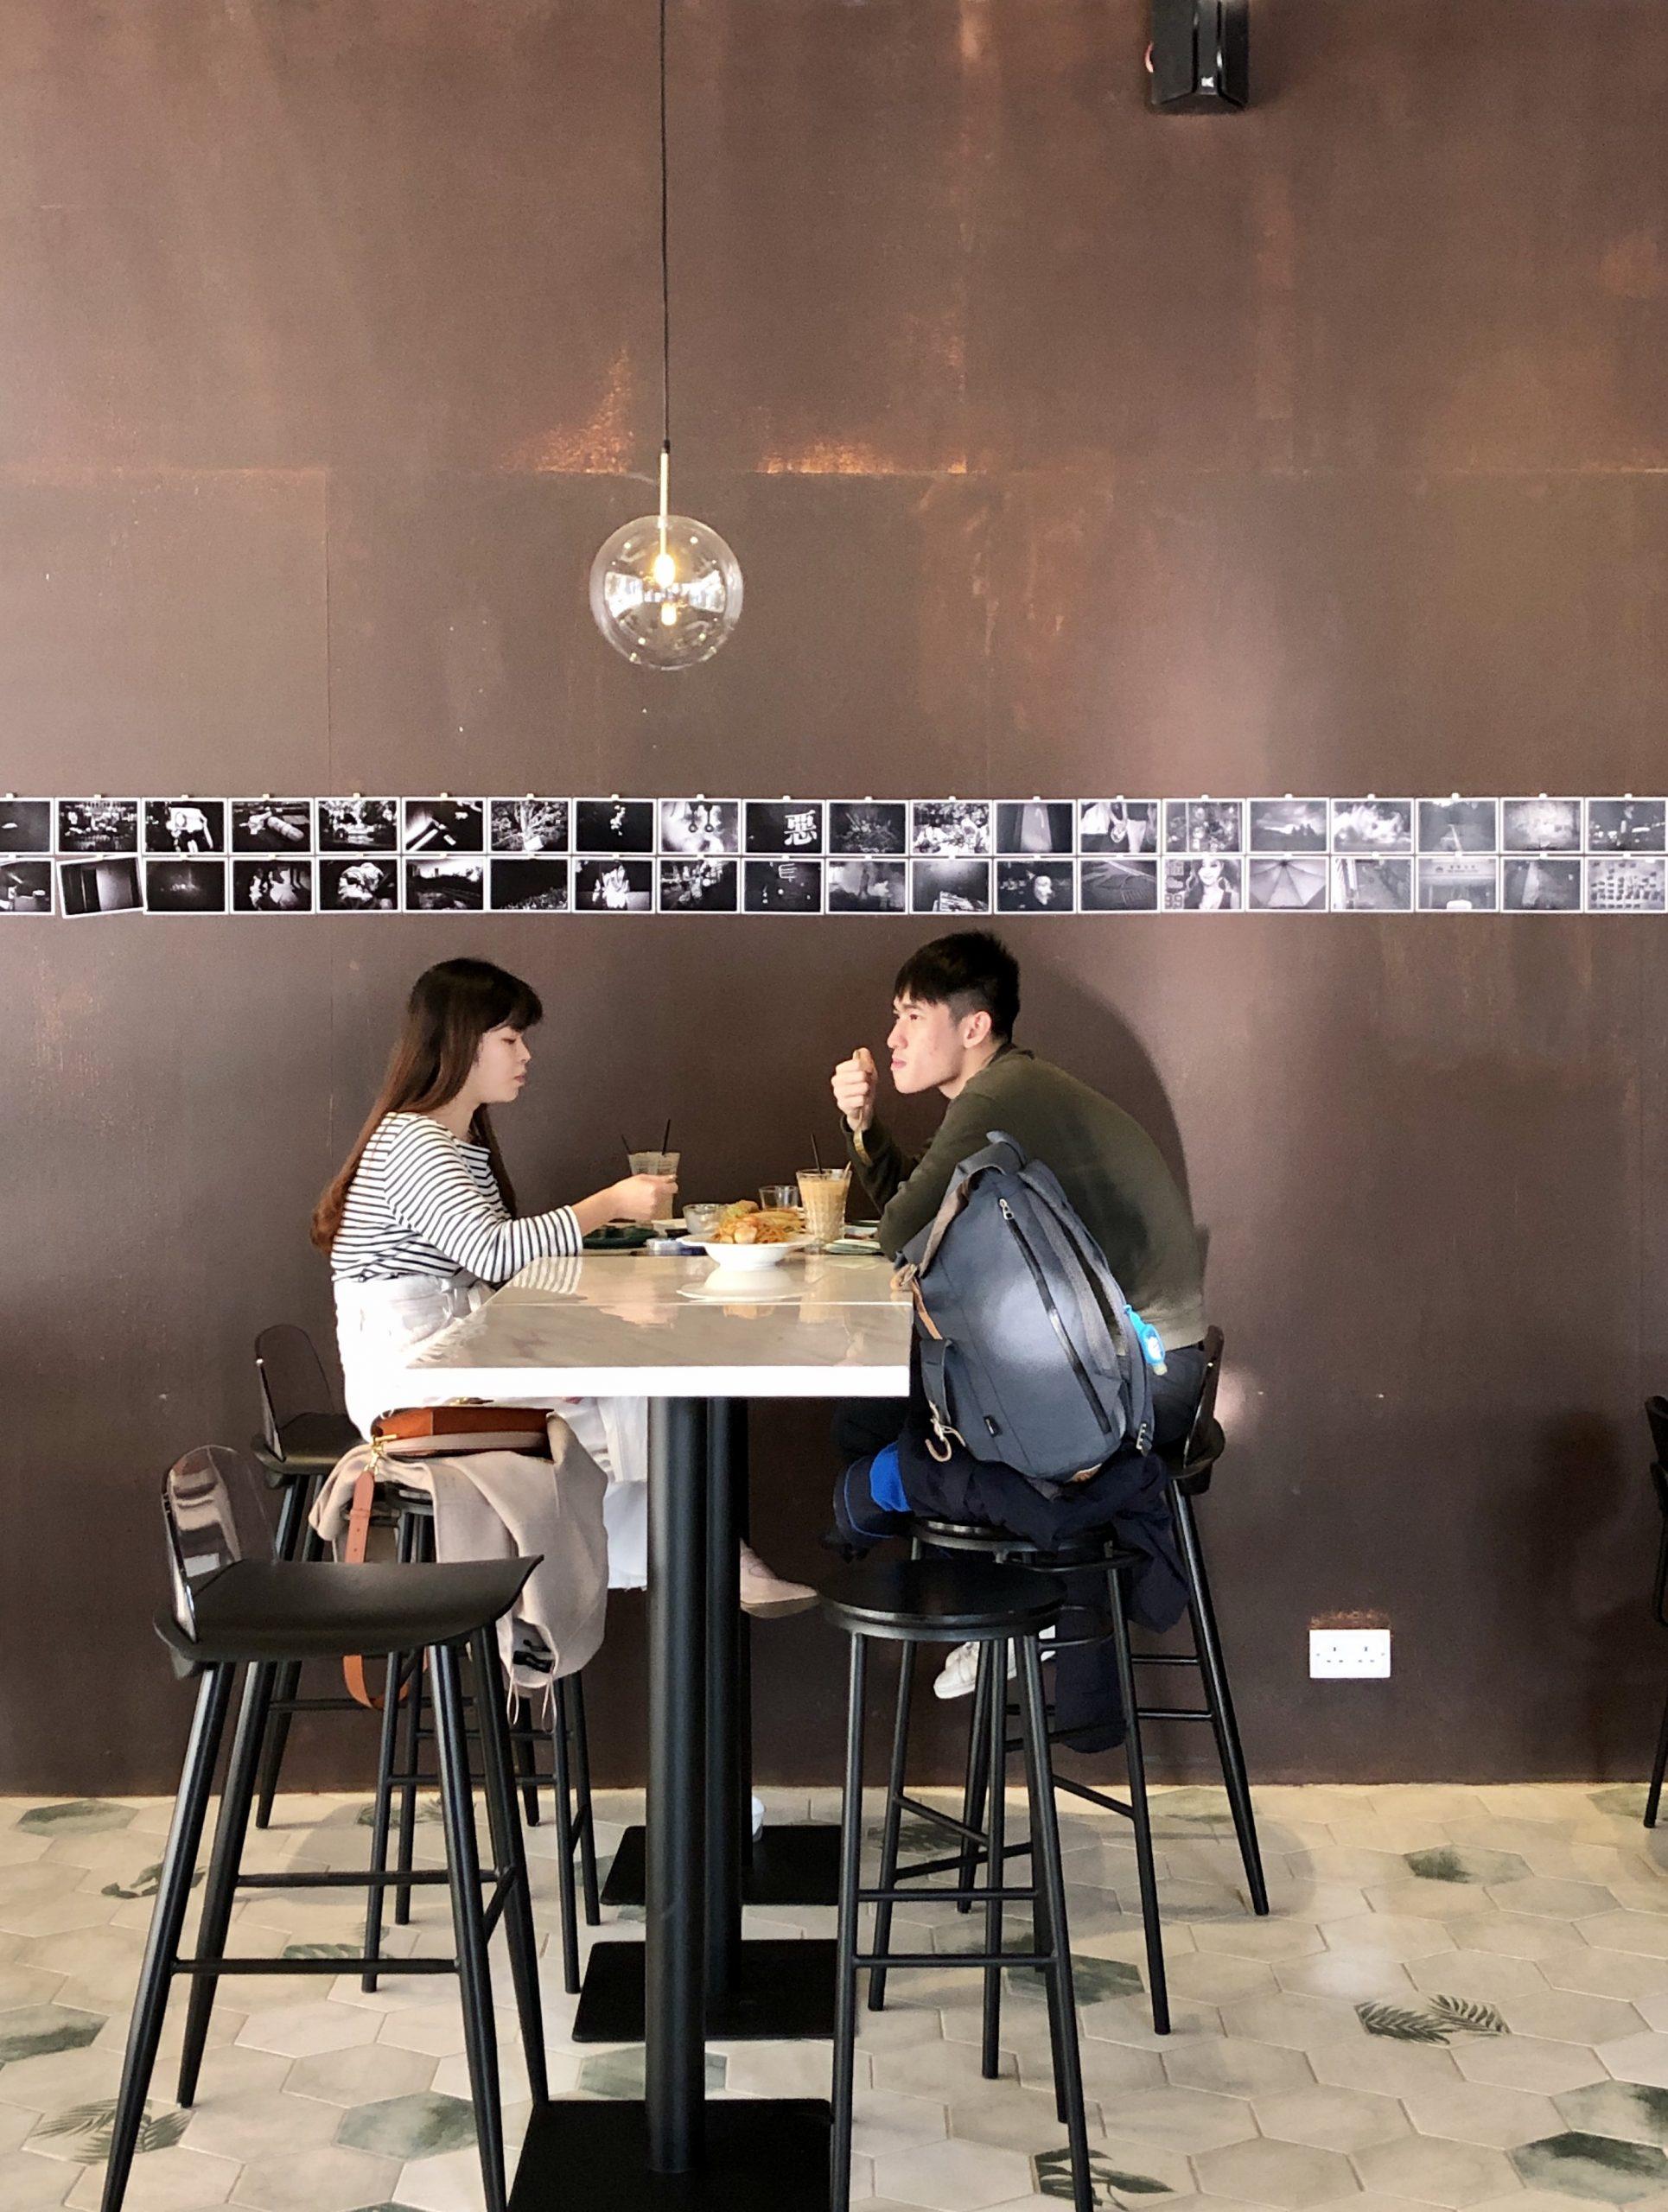 觀塘 Master Room Cafe 環境